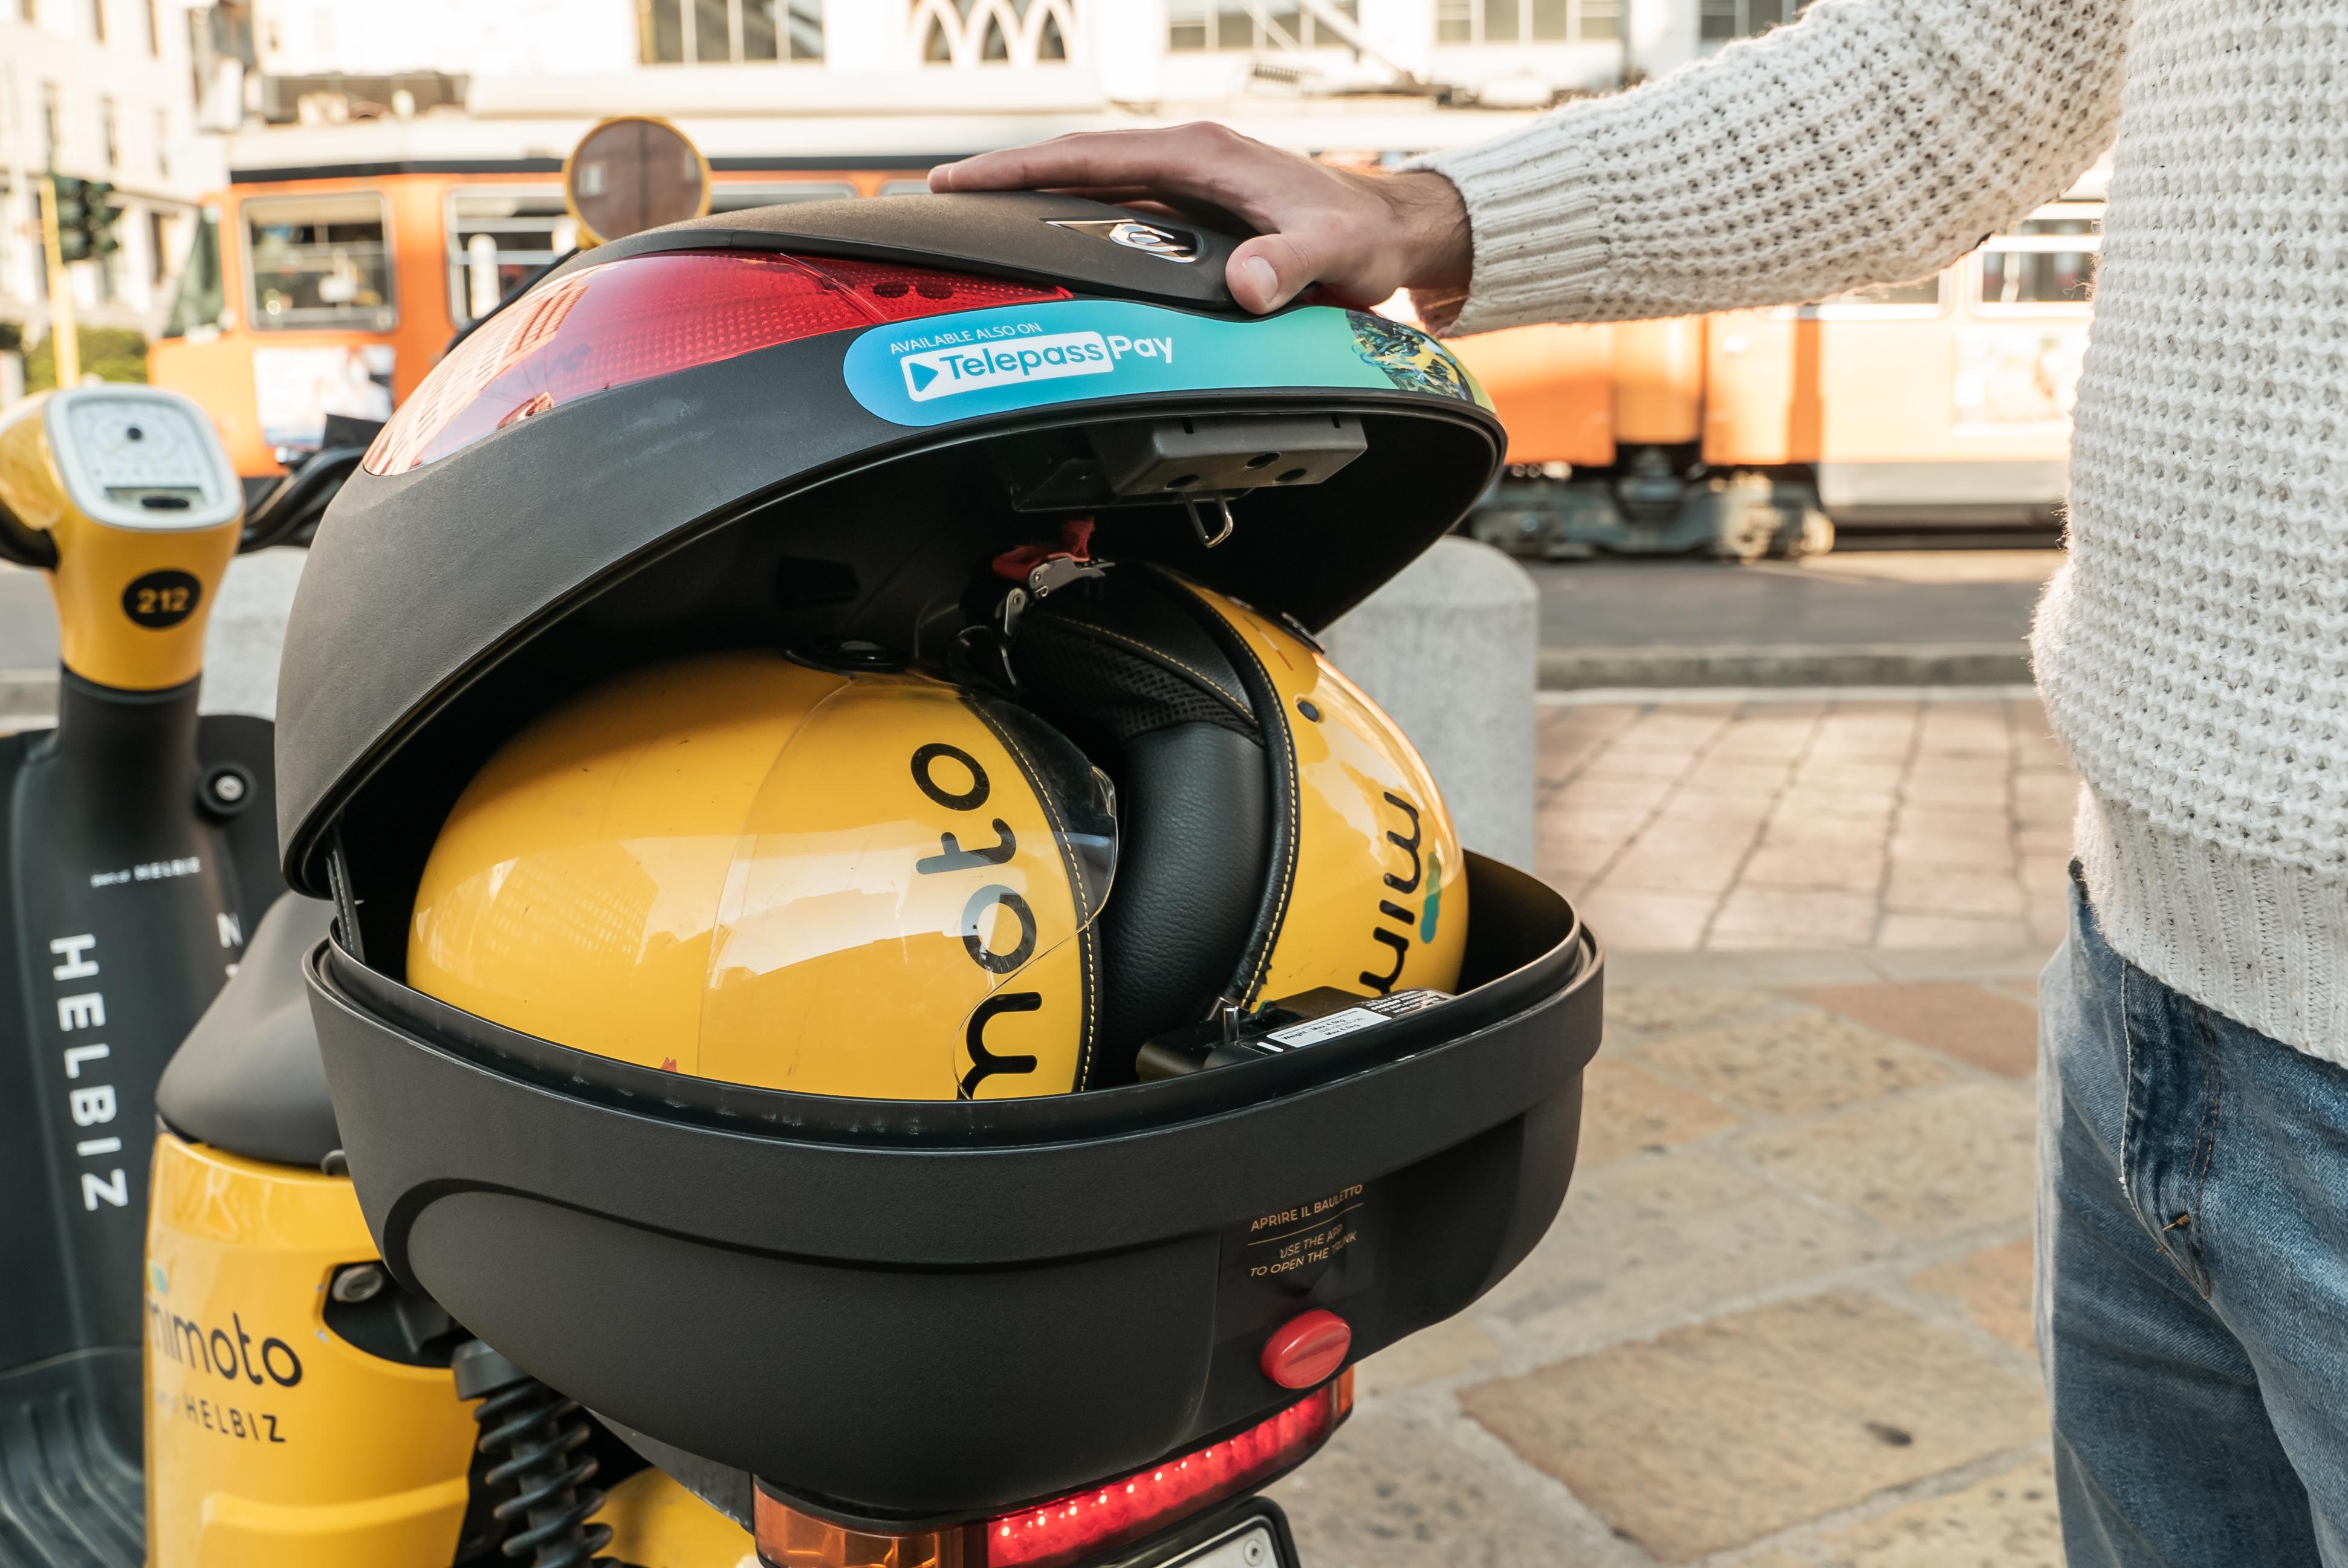 Indossa il casco e parti con Telepass Pay, il partner giusto per la tua mobilità sostenibile.